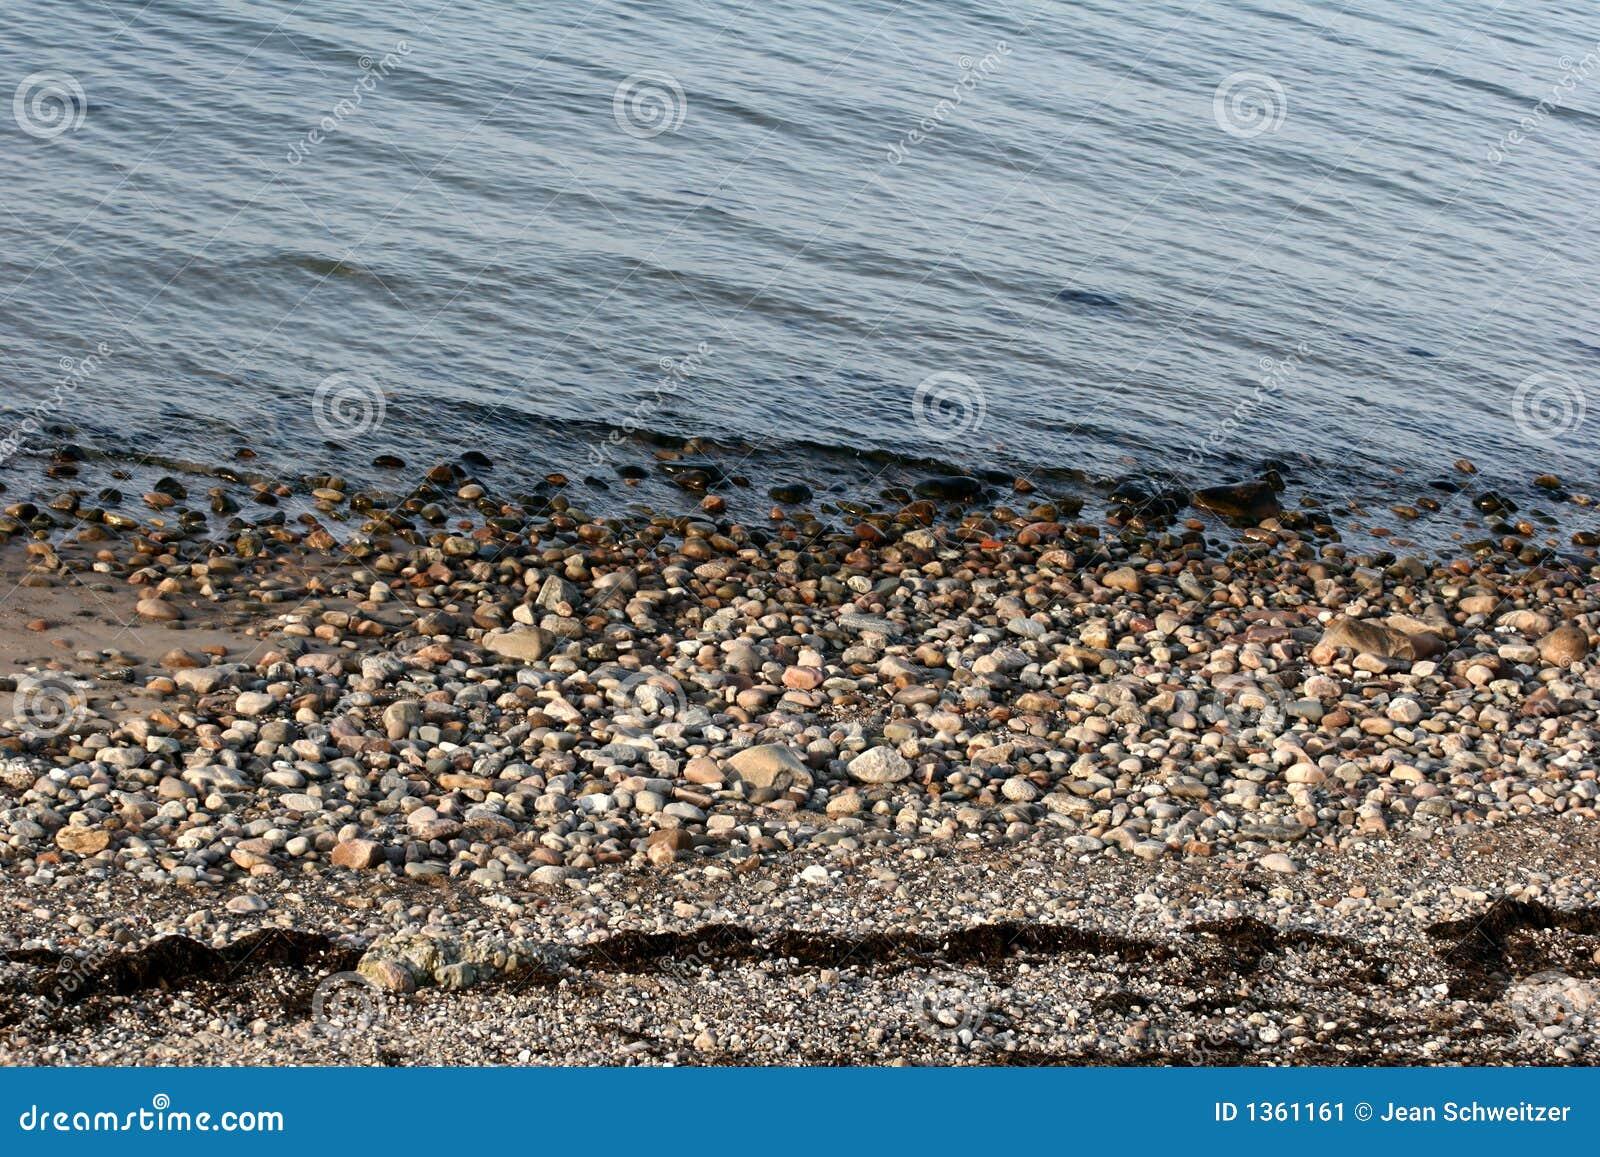 on stones ocean - photo #5